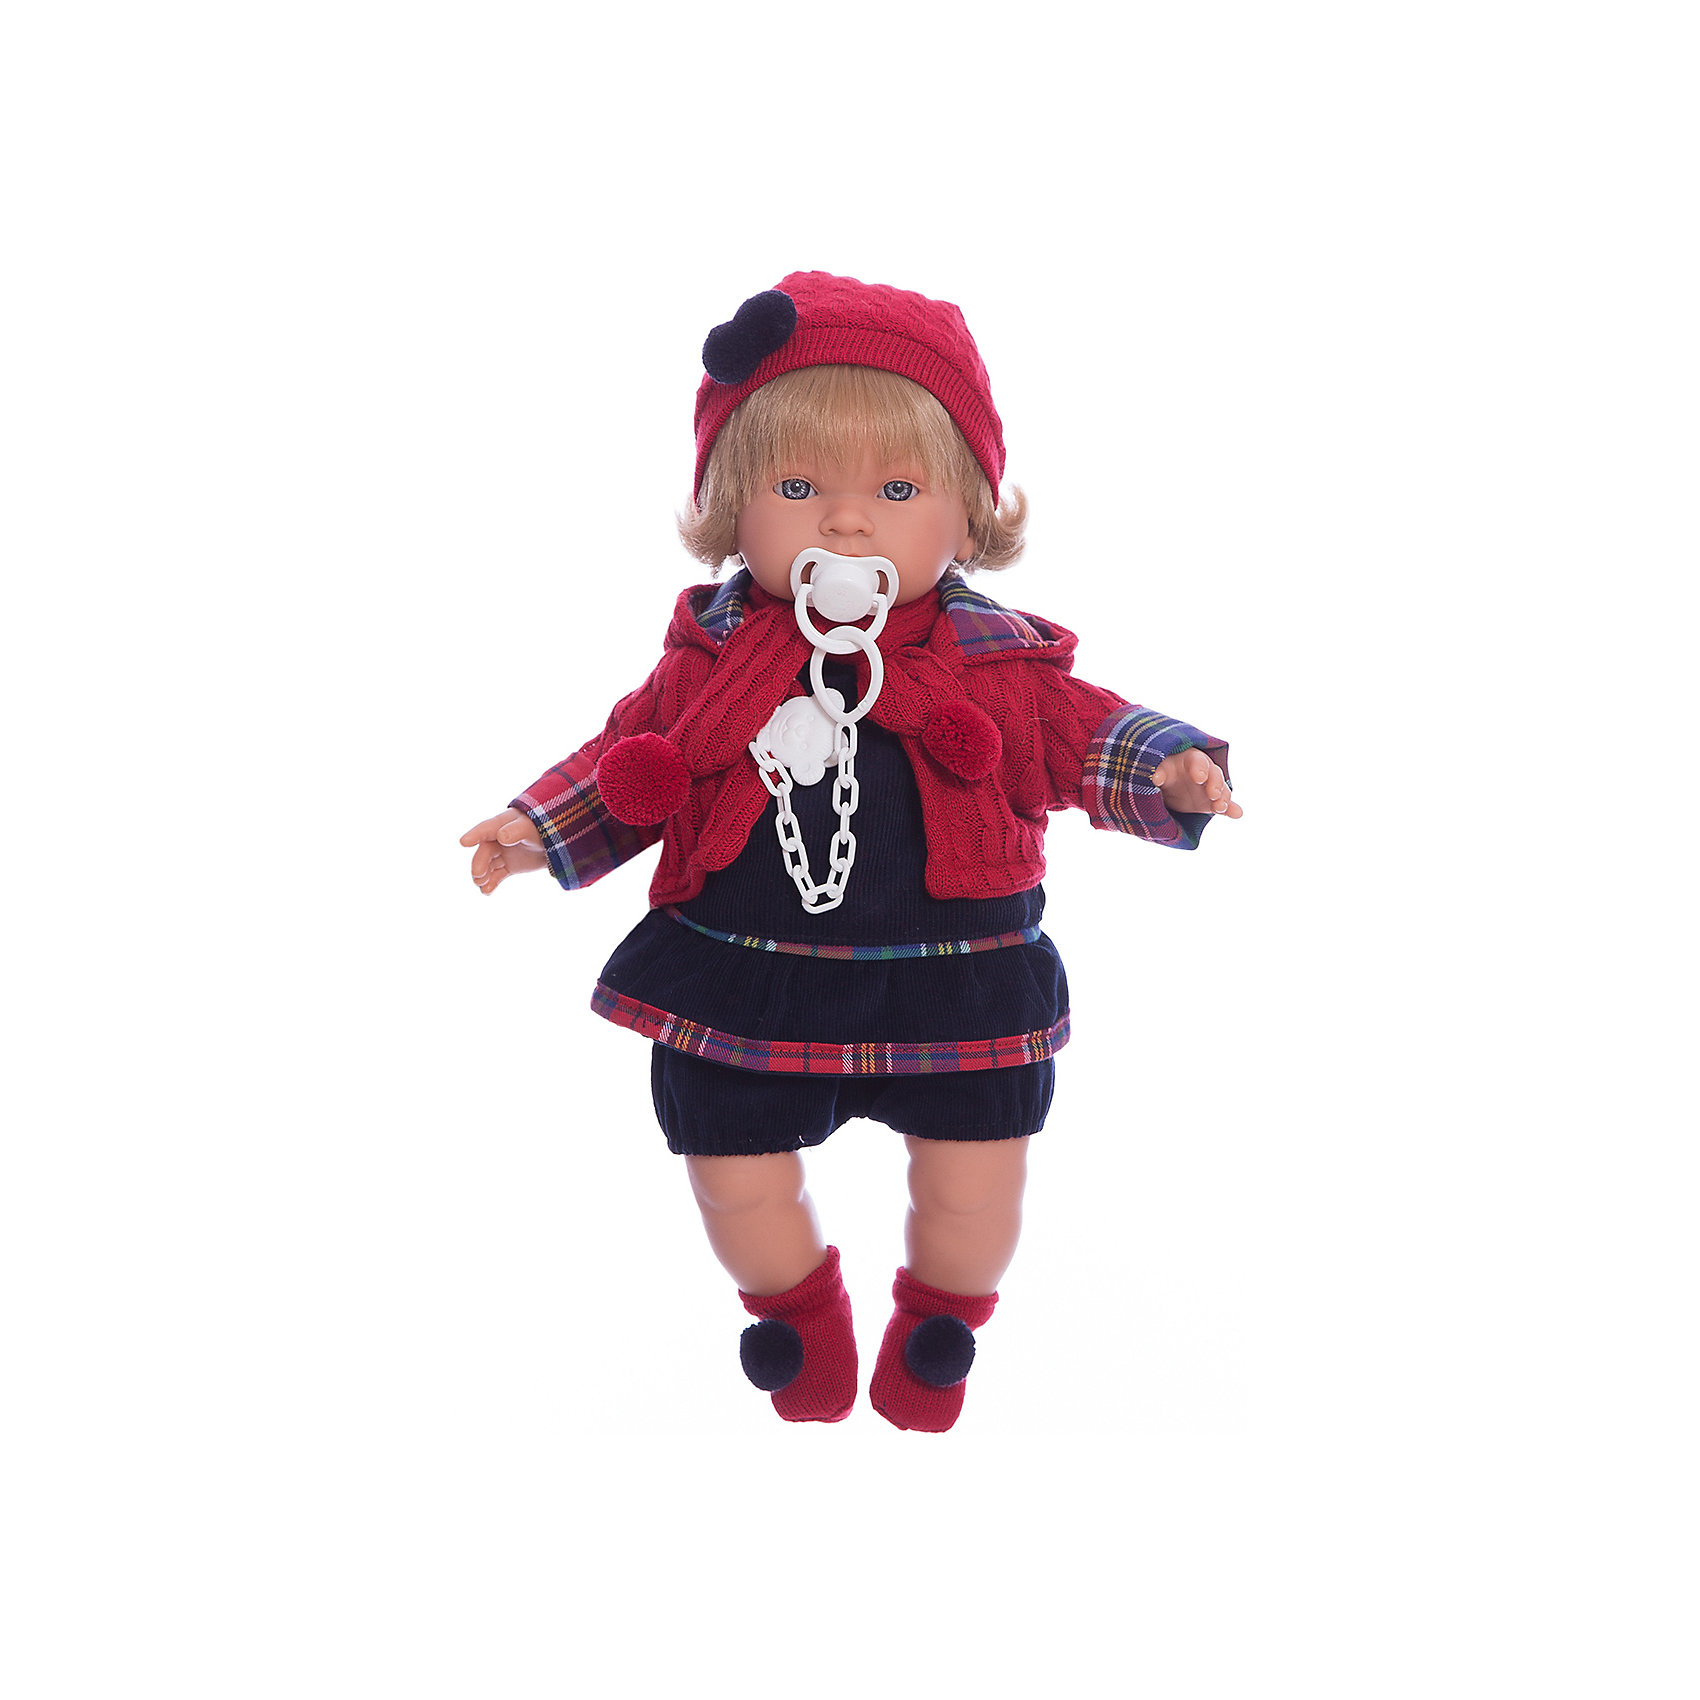 Кукла Марина, 42 см, LlorensКлассические куклы<br>Характеристики:<br><br>• Предназначение: для сюжетно-ролевых игр<br>• Тип куклы: мягконабивная<br>• Пол куклы: девочка <br>• Цвет волос: блондинка<br>• Материал: поливинилхлорид, пластик, нейлон, текстиль<br>• Цвет: синий, красный<br>• Высота куклы: 42 см<br>• Комплектация: кукла, платье, курточка, шапочка, шарф, пинетки, пустышка на цепочке<br>• Вес: 1 кг 360 г<br>• Размеры упаковки (Д*В*Ш): 23*45*12 см<br>• Упаковка: подарочная картонная коробка <br>• Особенности ухода: допускается деликатная стирка без использования красящих и отбеливающих средств предметов одежды куклы<br><br>Кукла Марина 42 см без звука – кукла, производителем которого является всемирно известный испанский кукольный бренд Llorens. Куклы этой торговой марки имеют свою неповторимую внешность и целую линейку образов как пупсов, так и кукол-малышей. Игрушки выполнены из сочетания поливинилхлорида и пластика, что позволяет с высокой долей достоверности воссоздать физиологические и мимические особенности маленьких детей. При изготовлении кукол Llorens используются только сертифицированные материалы, безопасные и не вызывающие аллергических реакций. Волосы у кукол отличаются густотой, шелковистостью и блеском, при расчесывании они не выпадают и не ломаются.<br>Кукла Марина 42 см без звука выполнена в образе малышки: у нее светлые волосы до плеч и голубые глаза. Яркий комплект осенней одежды Марины состоит из вельветового платьица темно-синего цвета, курточки, вязаных с одинаковым рисунком шапочки и шарфа, но ножках – носочки с помпонами. У малышки имеется соска на цепочке-держателе. <br>Кукла Марина 42 см без звука – это идеальный вариант для подарка к различным праздникам и торжествам.<br><br>Куклу Марину 42 см без звука можно купить в нашем интернет-магазине.<br><br>Ширина мм: 23<br>Глубина мм: 45<br>Высота мм: 12<br>Вес г: 1360<br>Возраст от месяцев: 36<br>Возраст до месяцев: 84<br>Пол: Женский<br>Возраст: Детский<br>SKU: 5086914